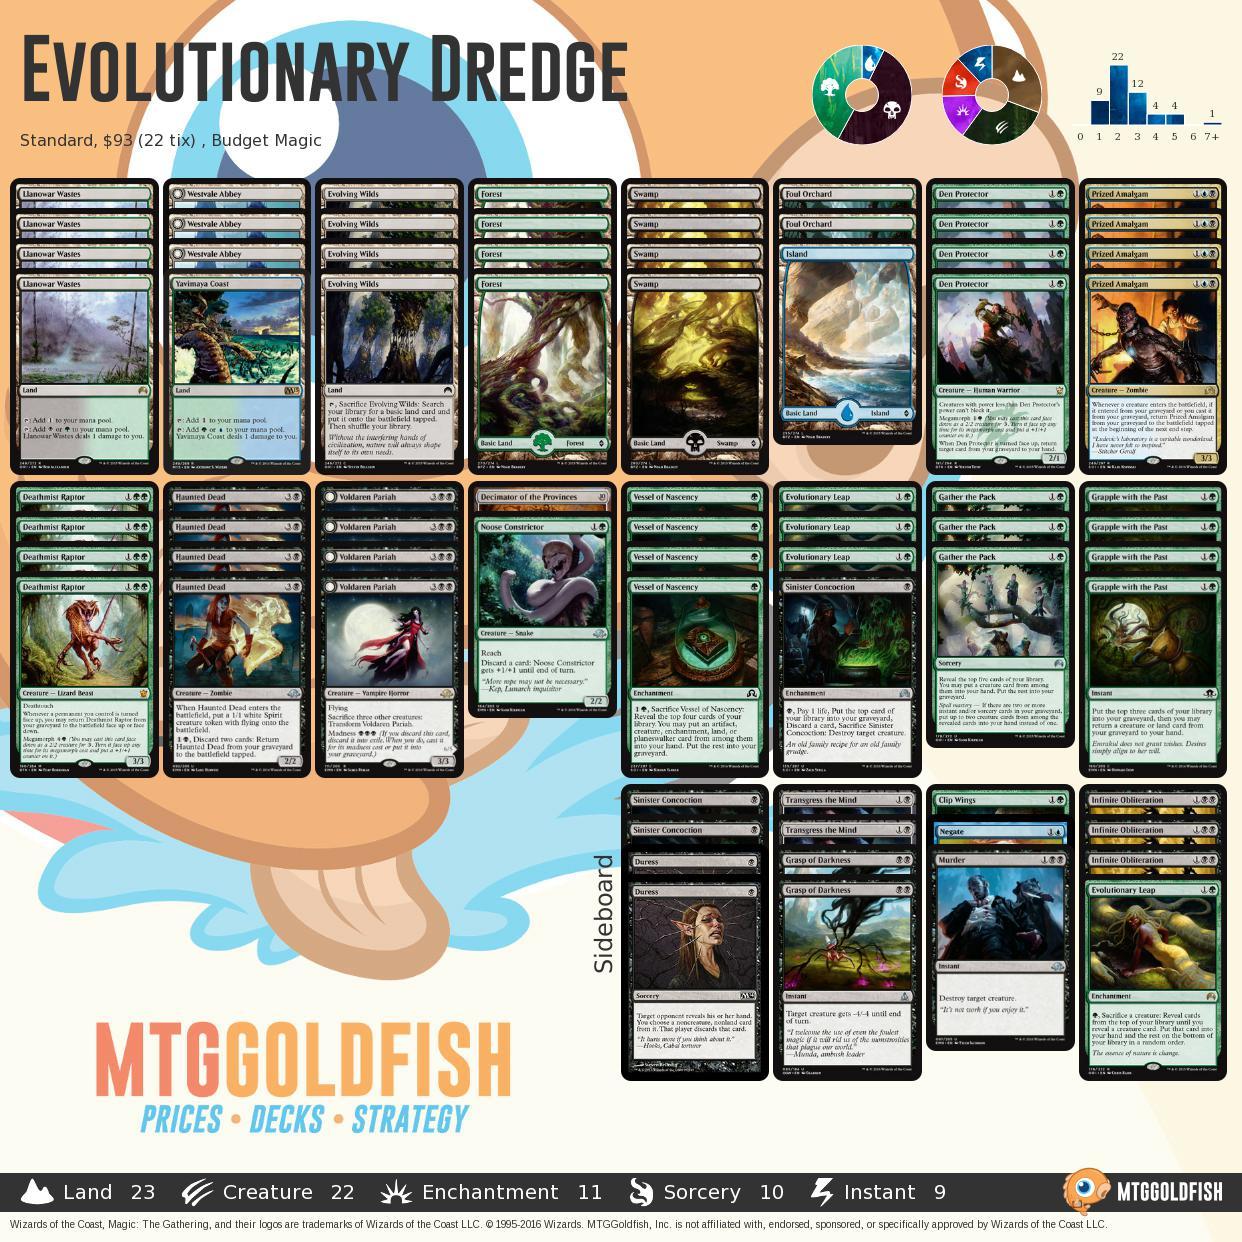 Evolutionarydredge